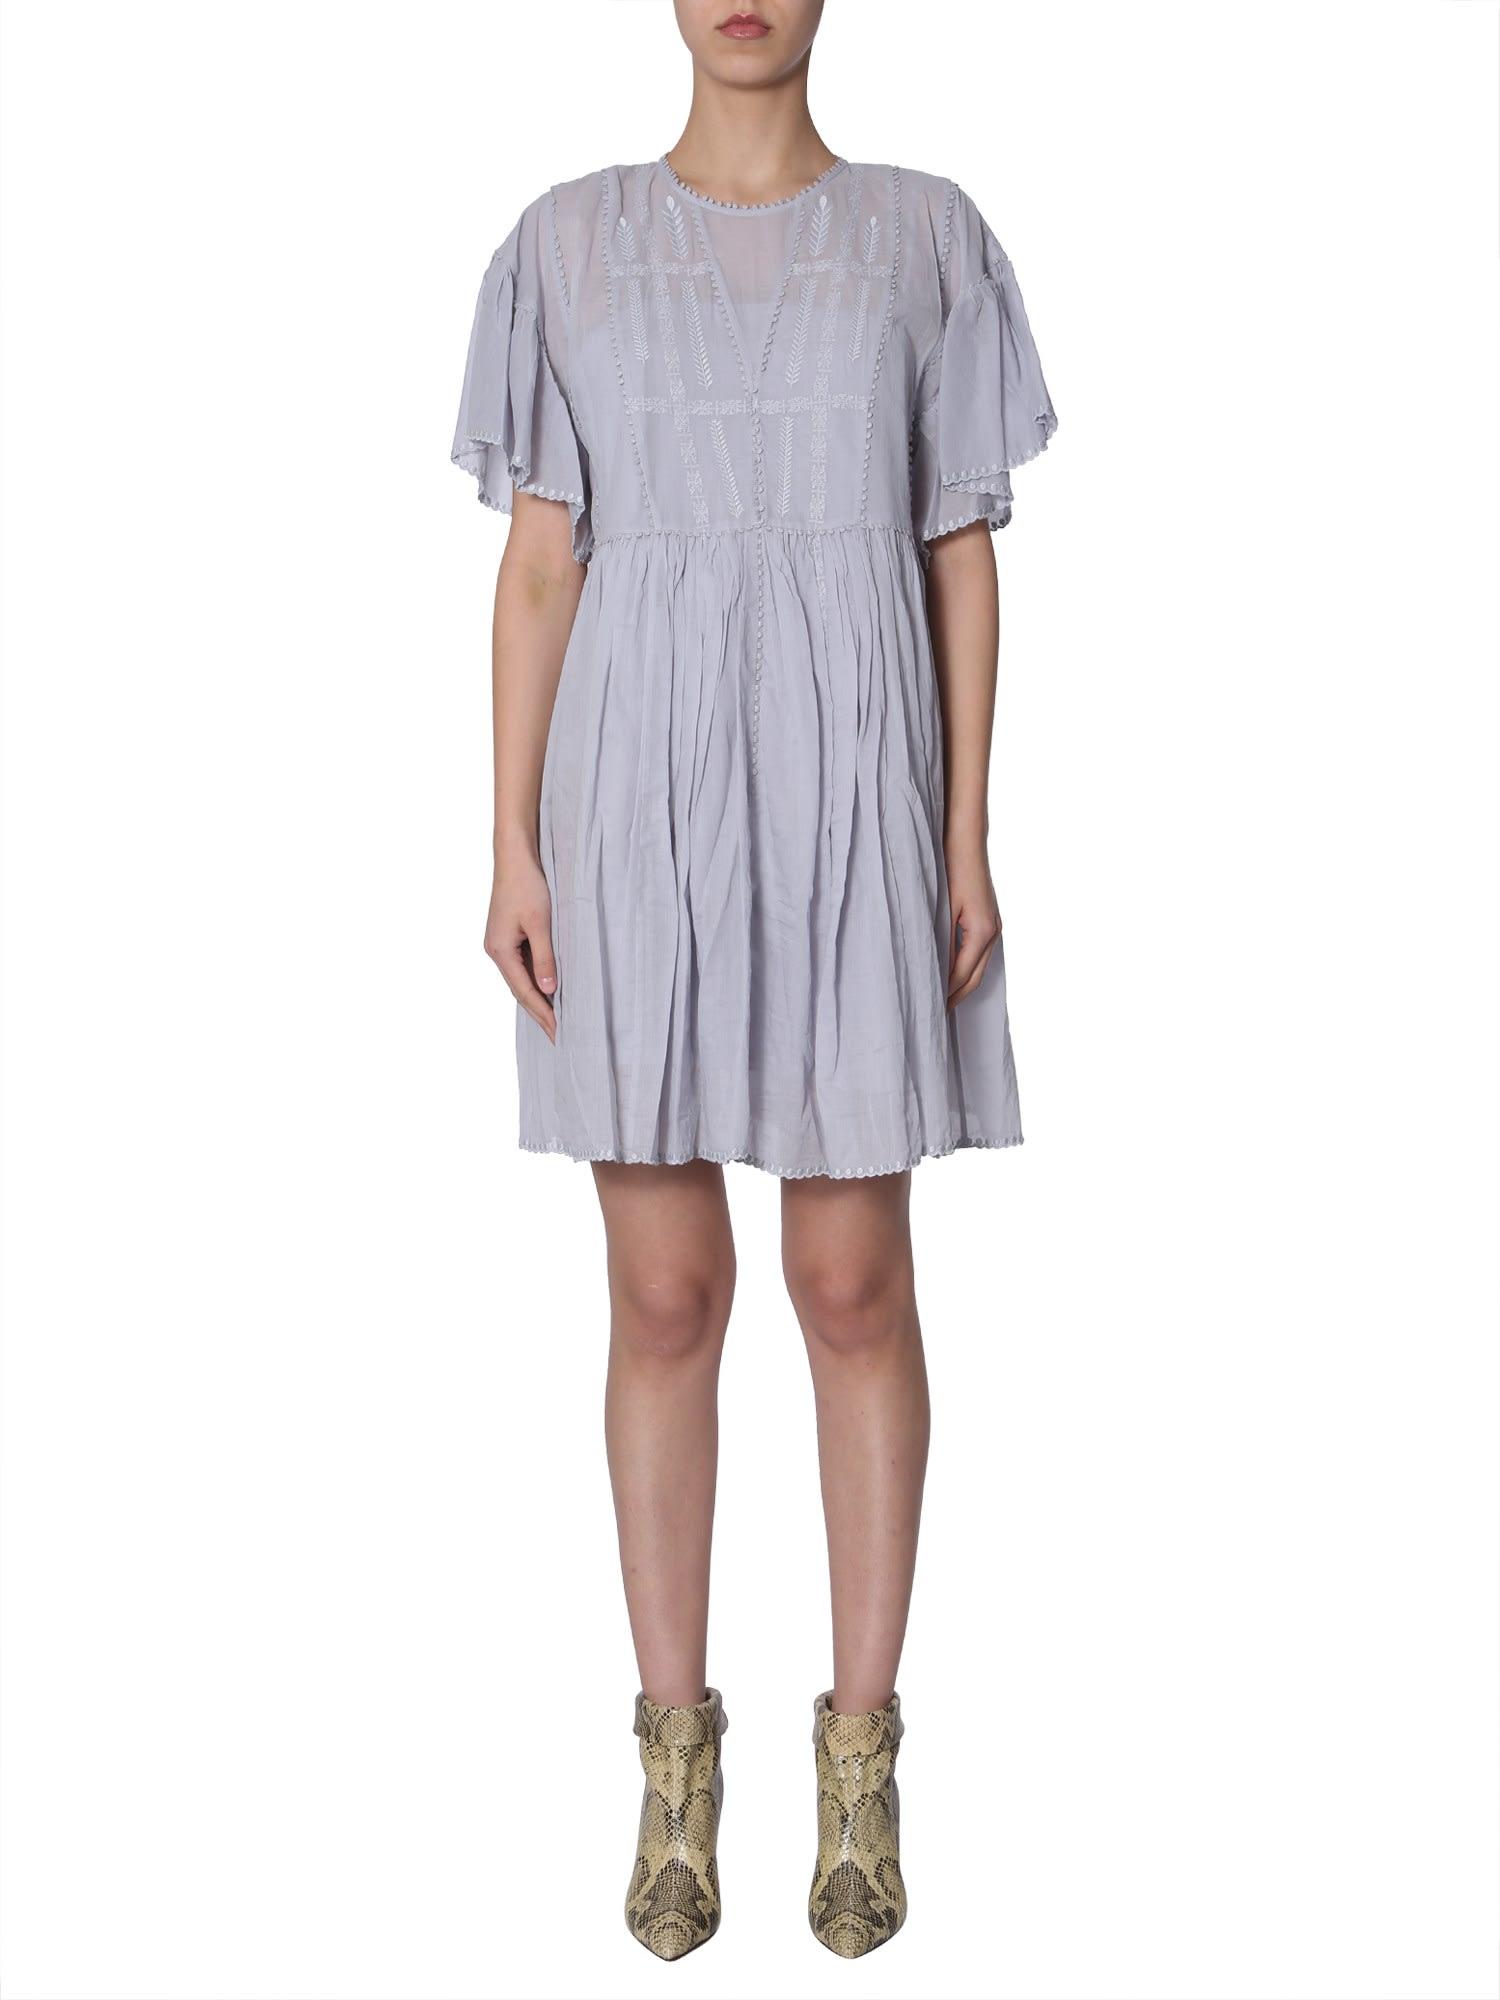 Isabel Marant Étoile Annaelle Dress